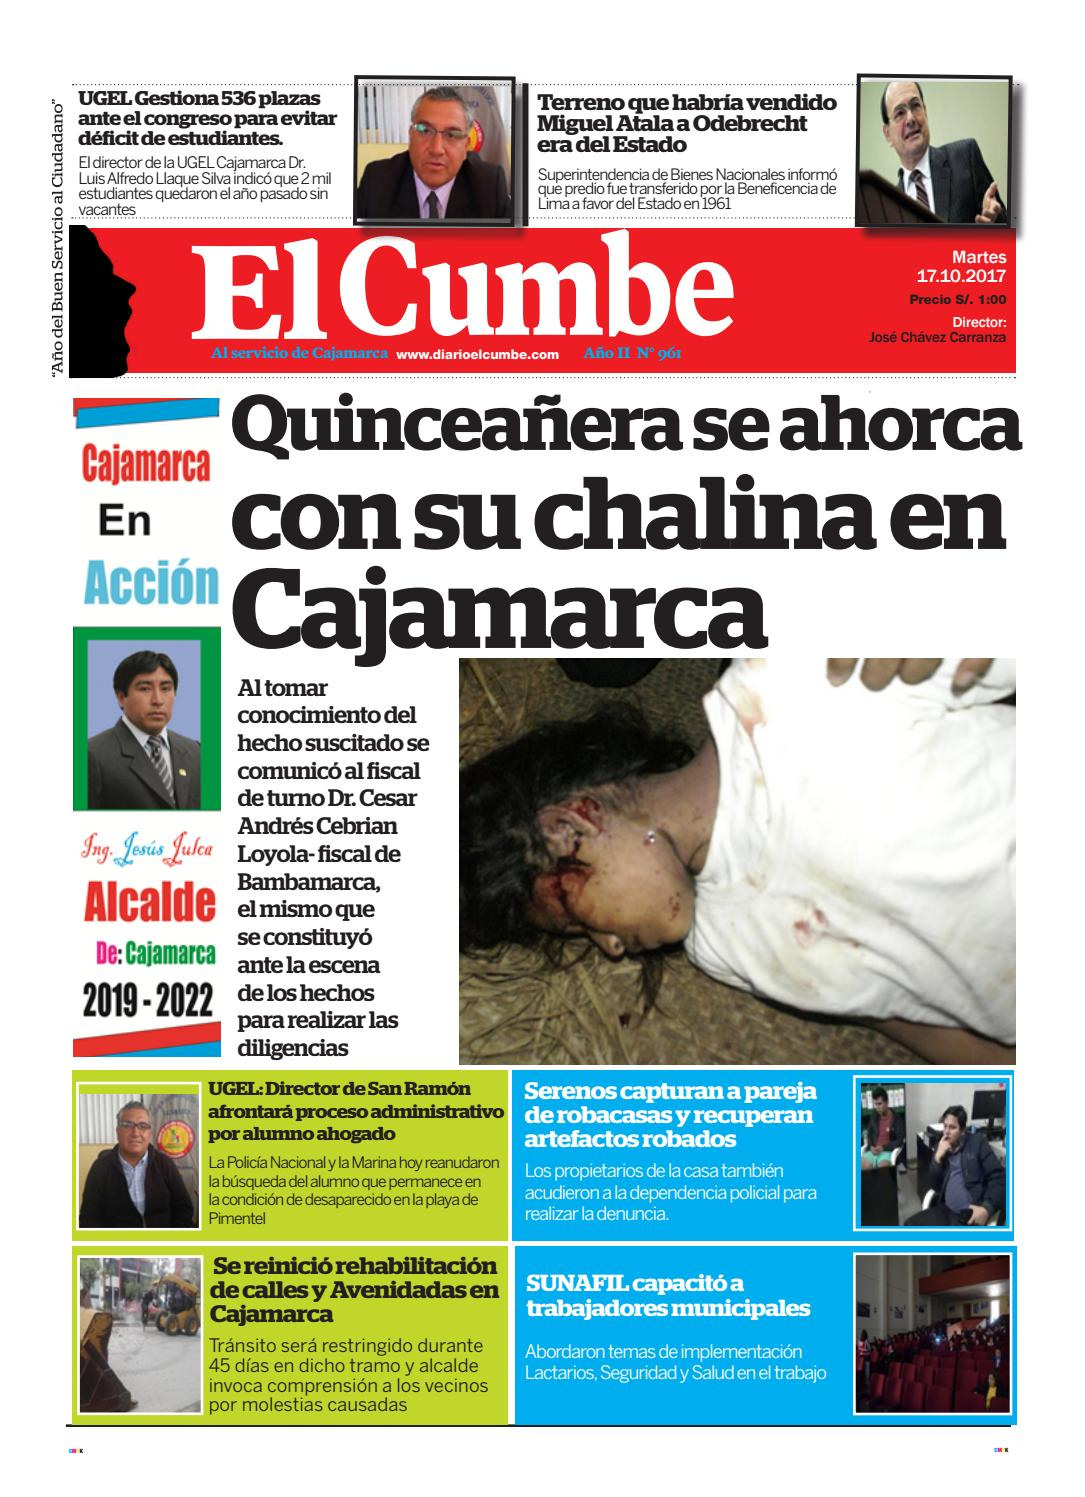 Diario El Cumbe 17 Octubre 2017 by Diario El Cumbe - issuu